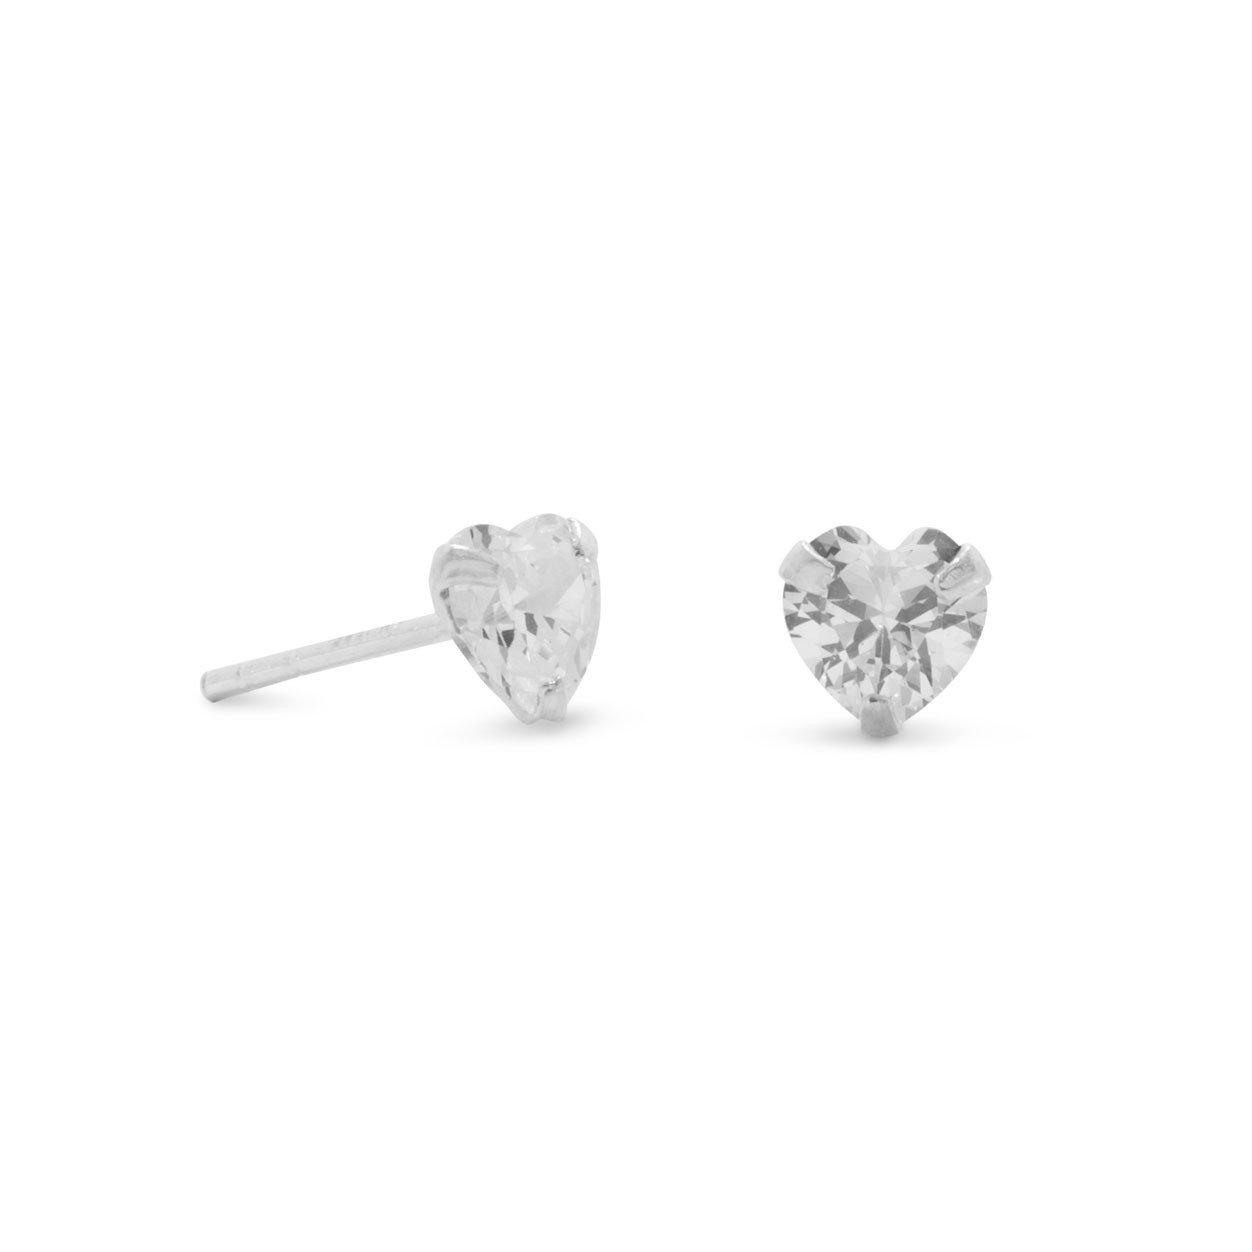 5x5mm Heart CZ Stud Earrings